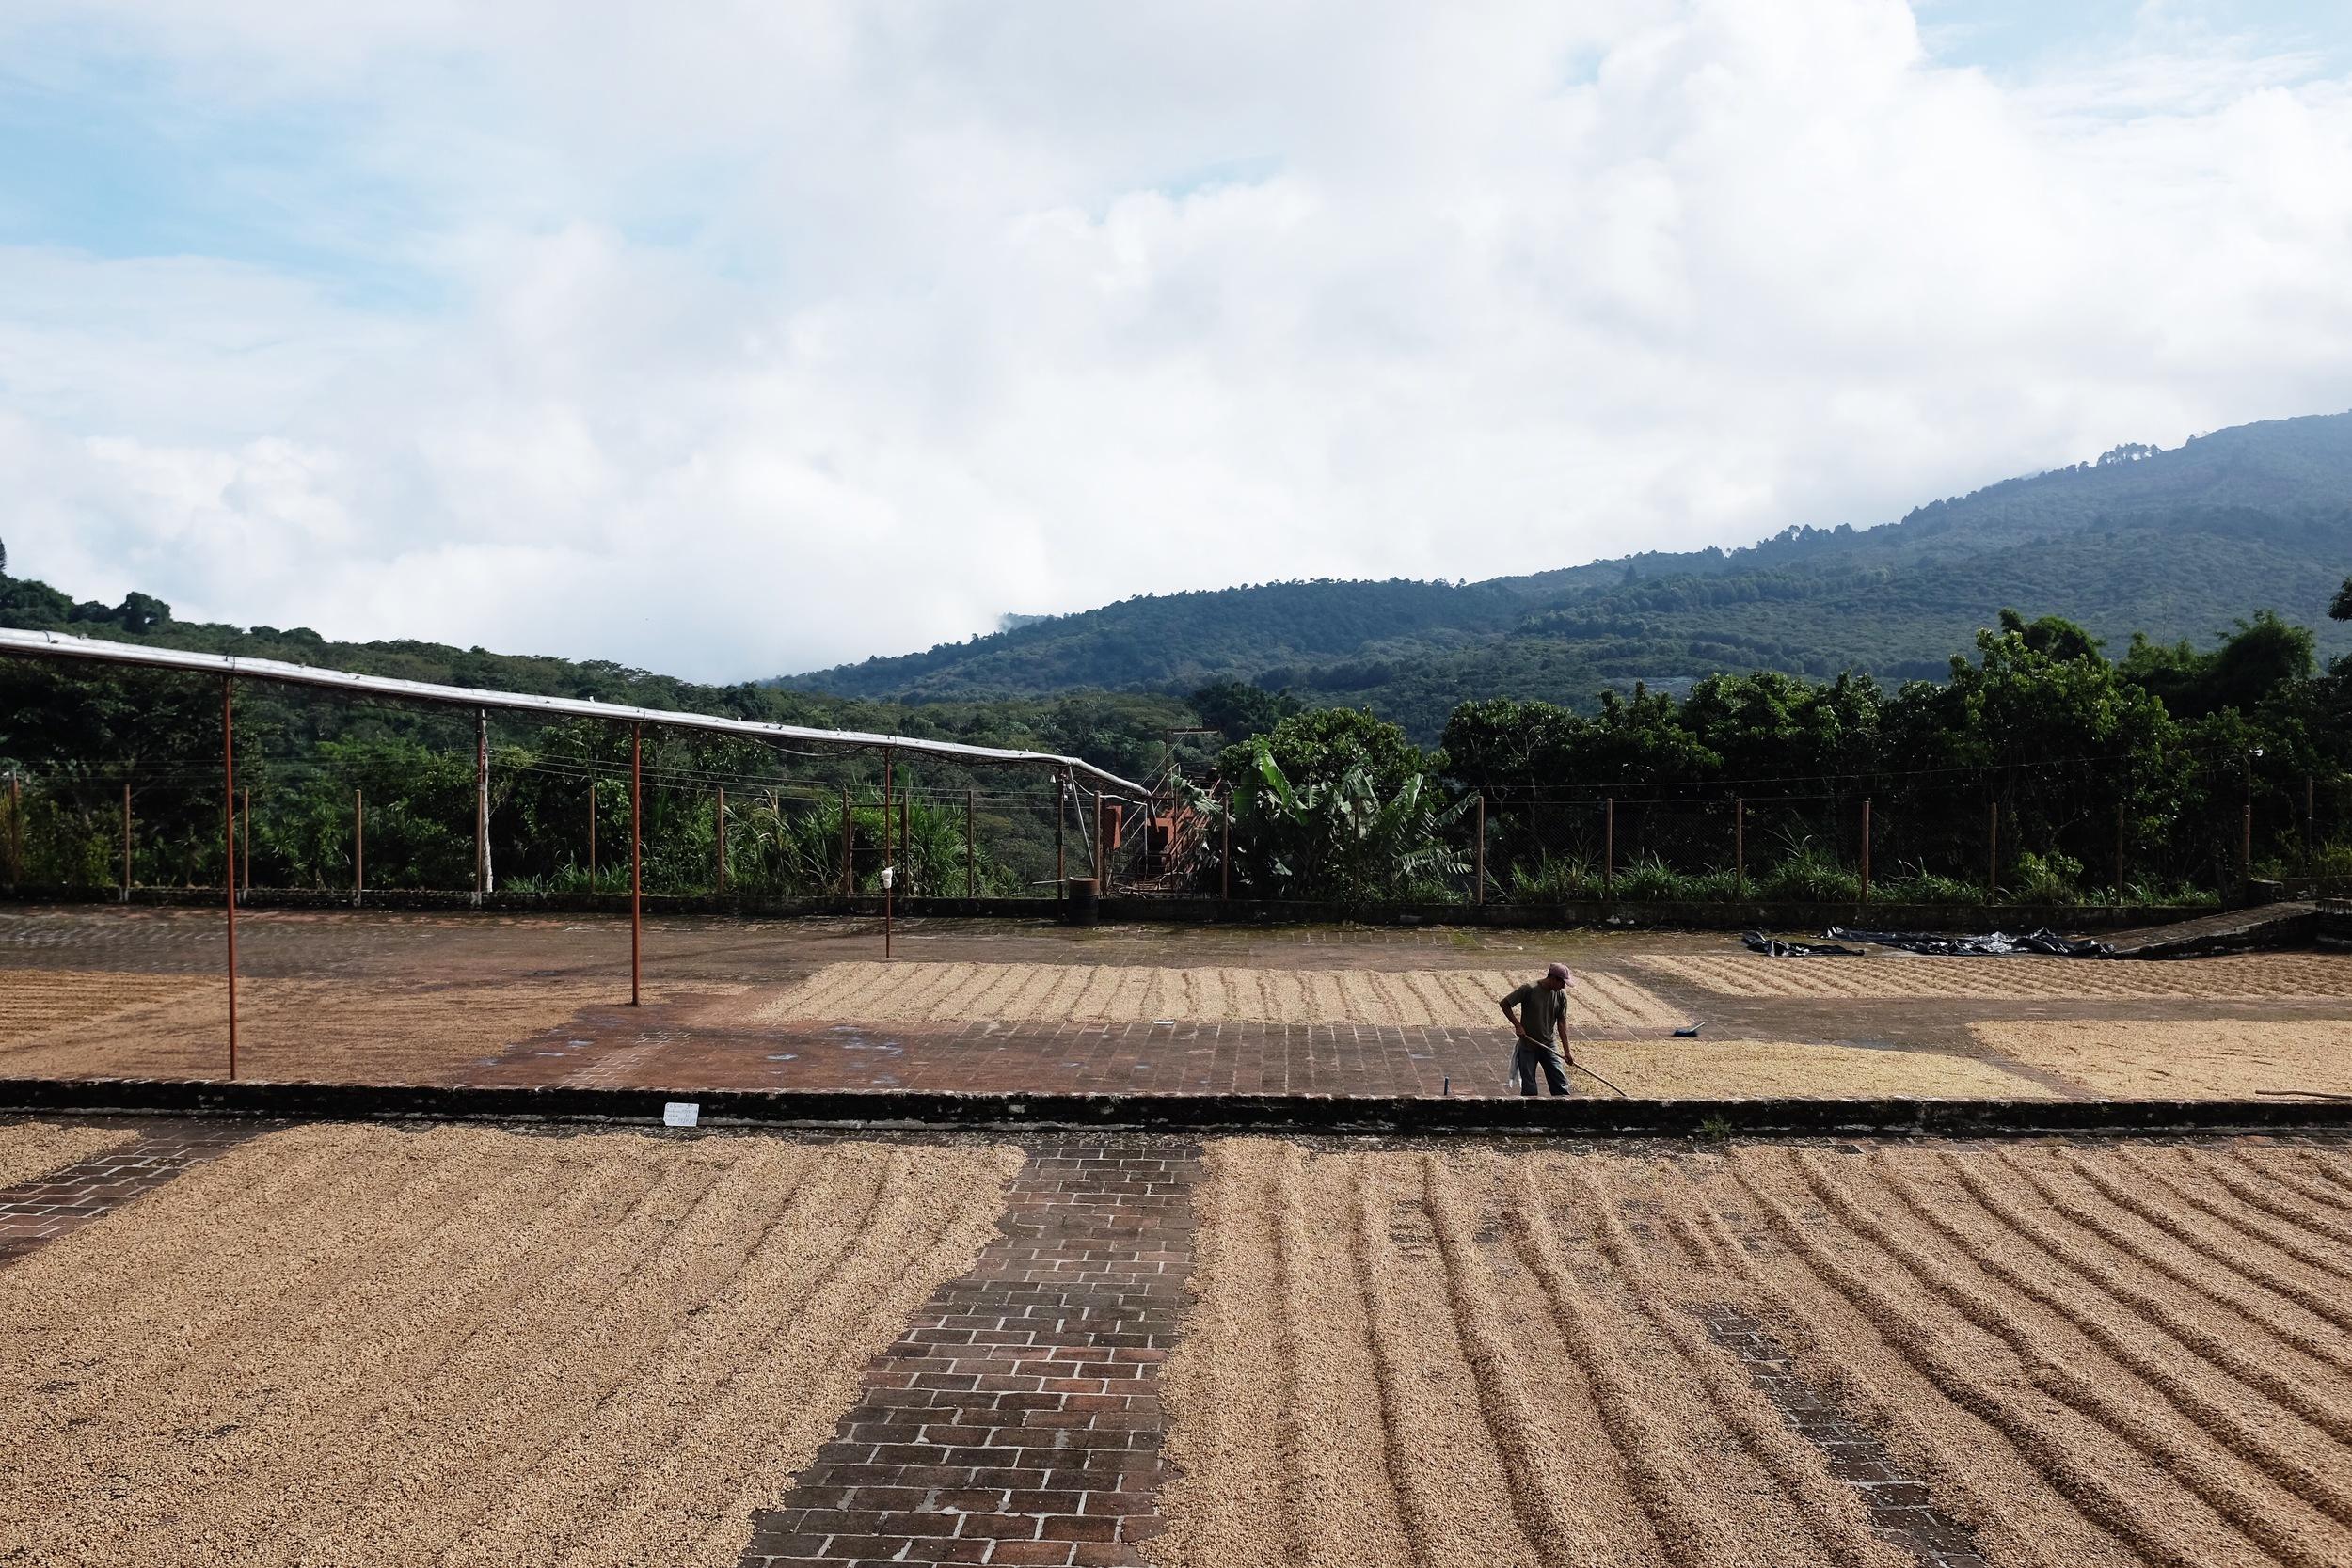 Finca  El Carmen, a coffee plantation off the  Rutas   de las Flores.